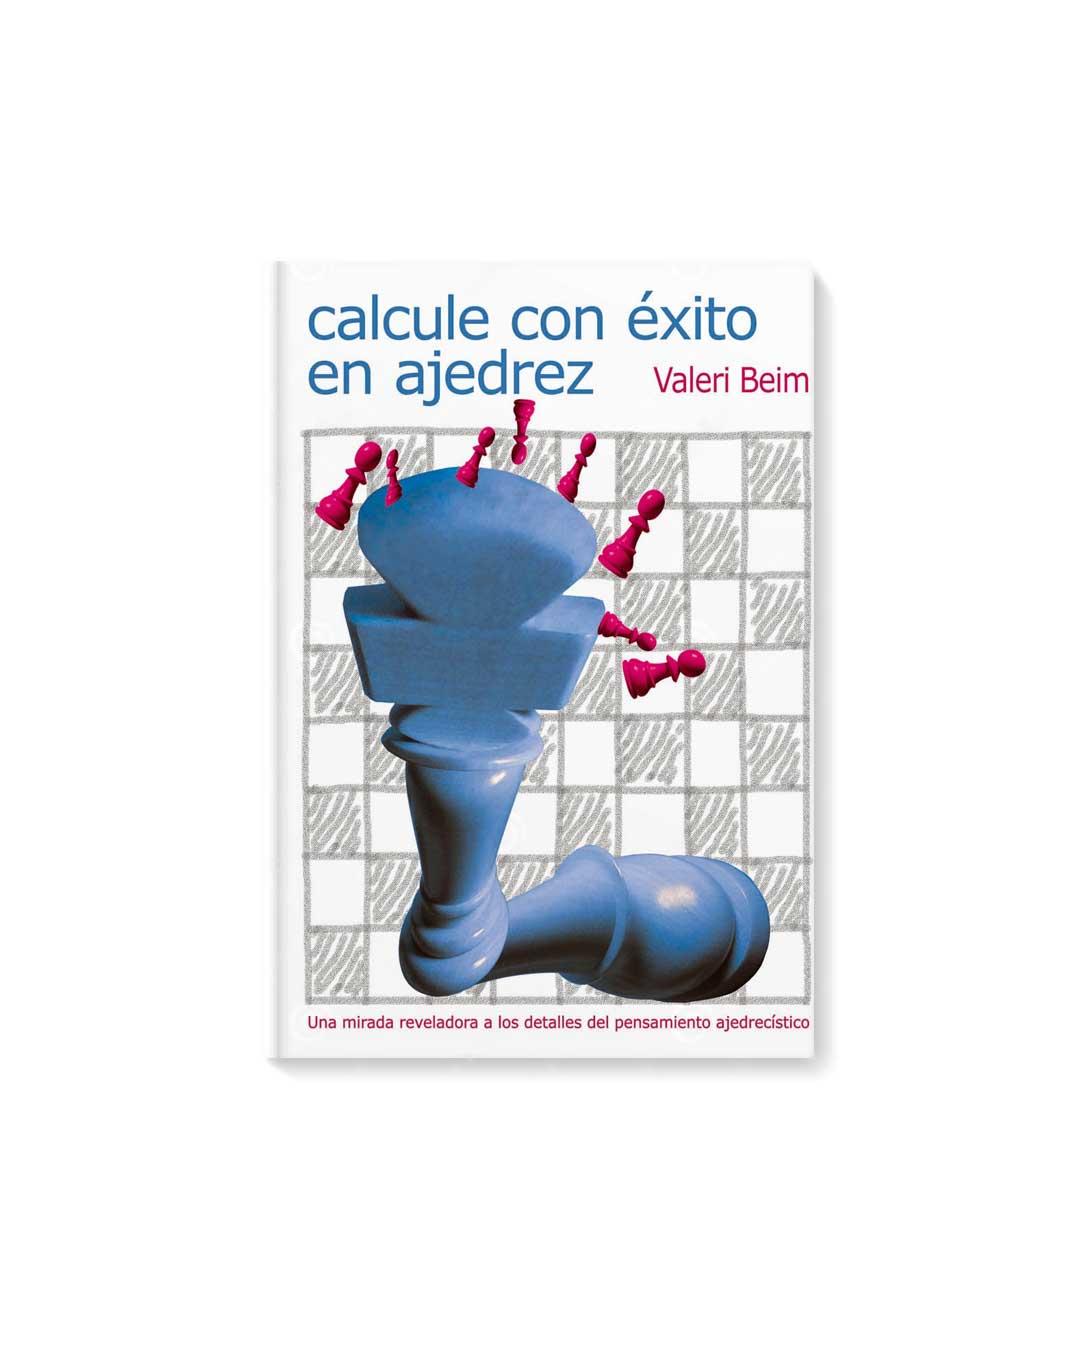 Calcule con éxito en ajedrez